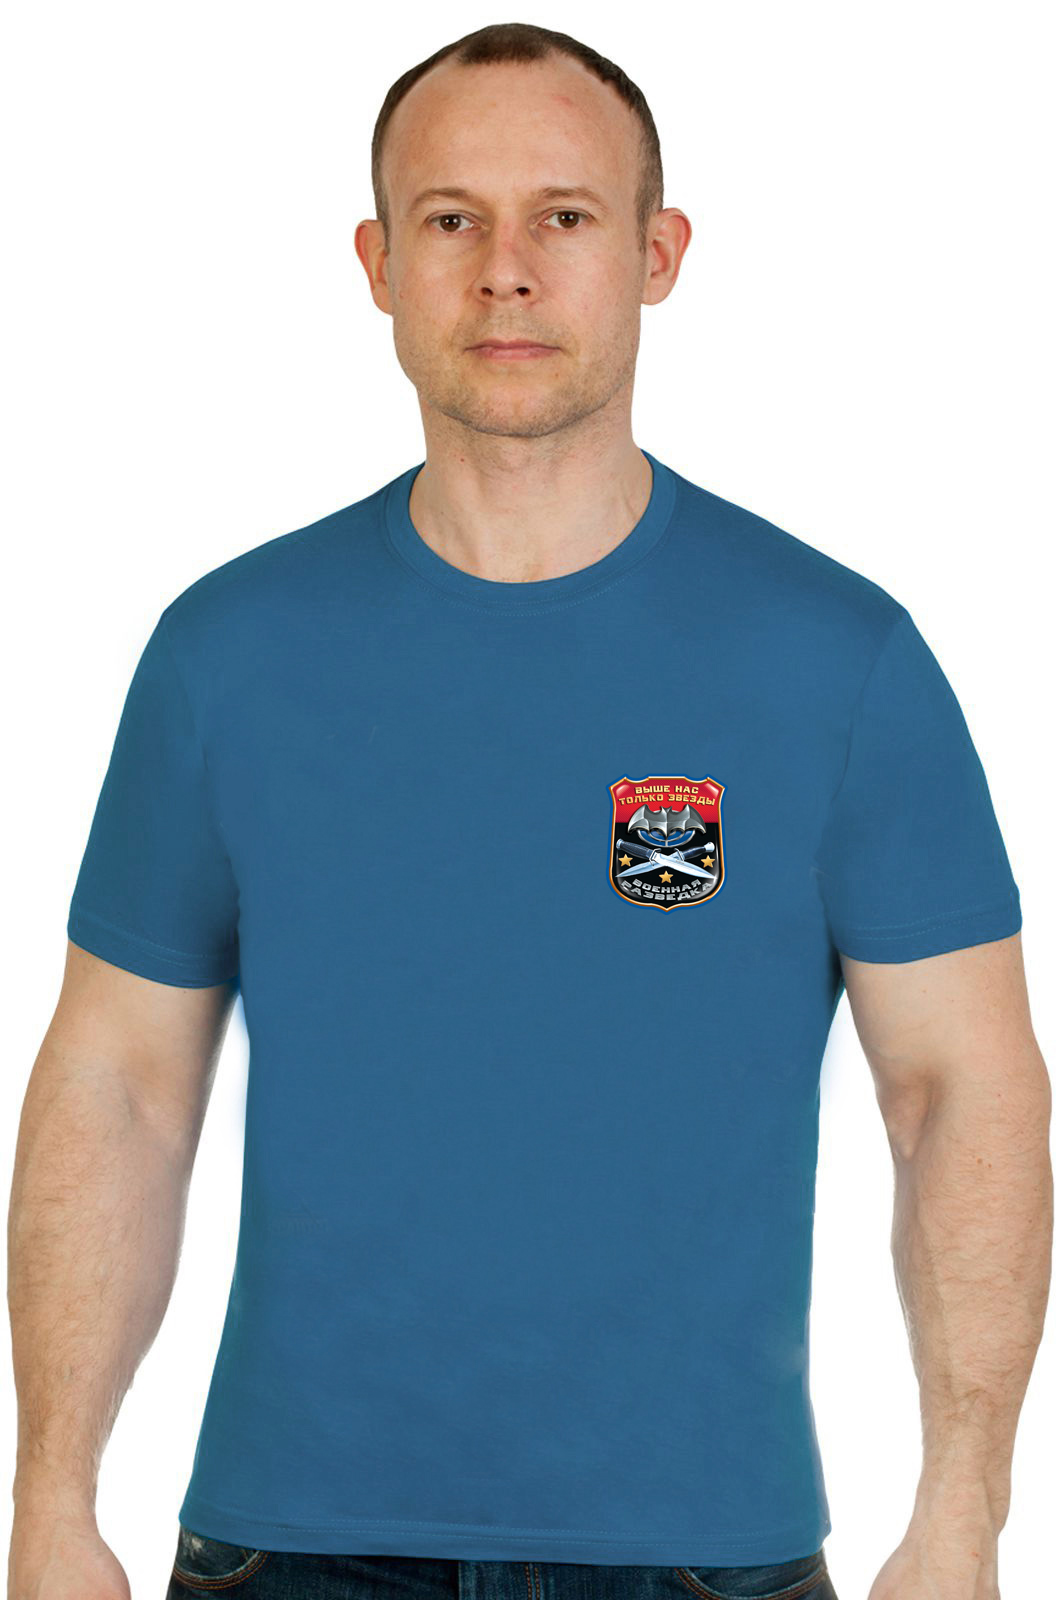 Заказать лучшую футболку военного разведчика оптом